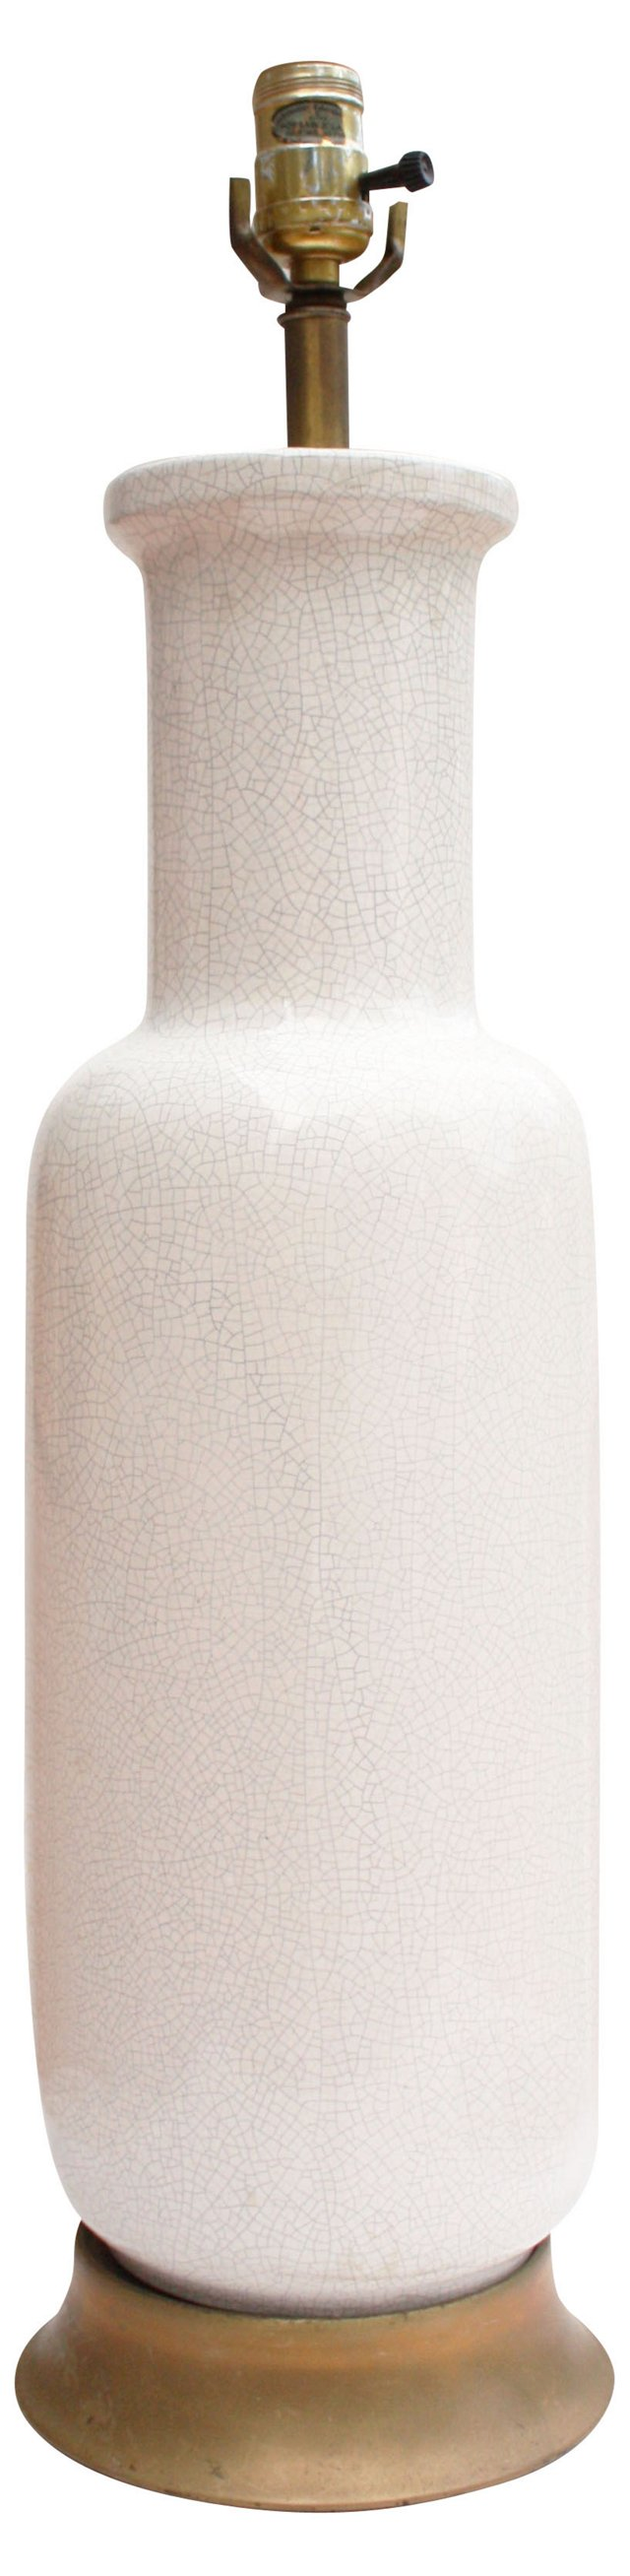 1950s White Porcelain Lamp